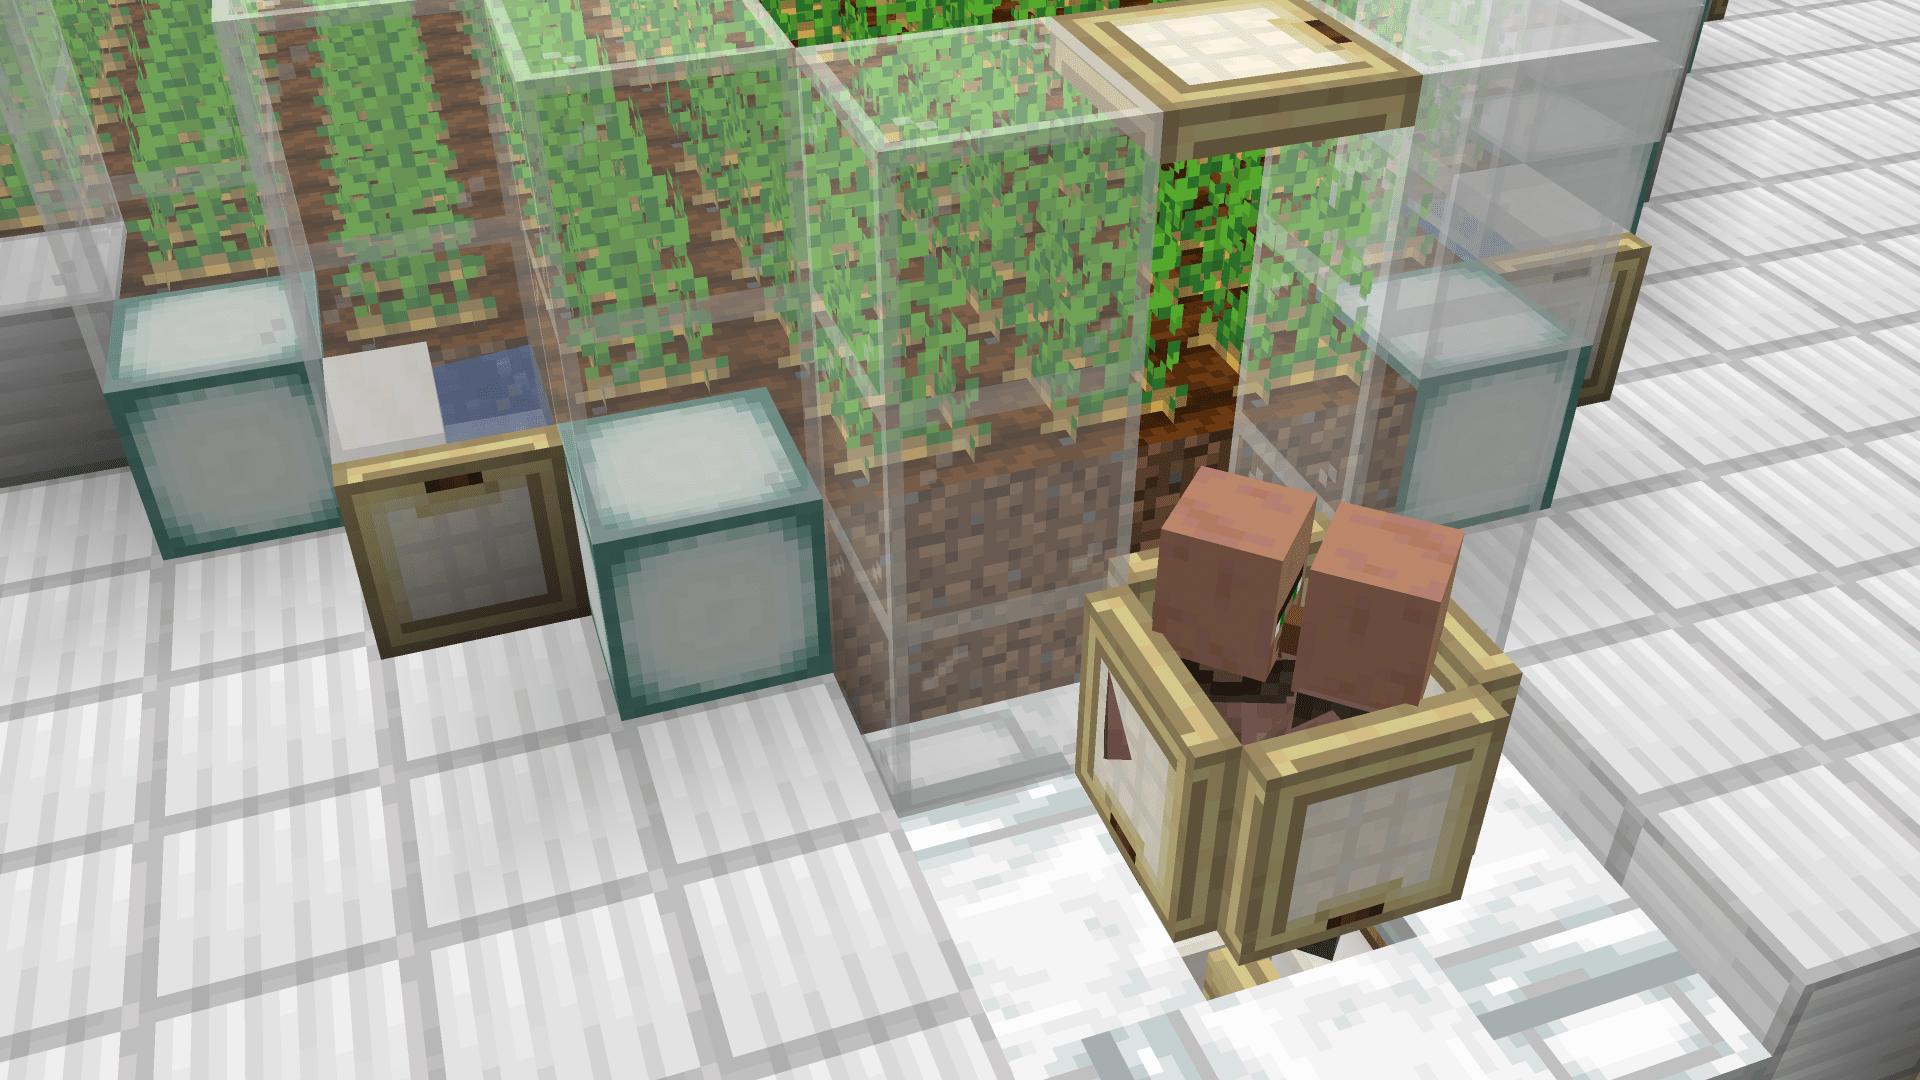 Ecco qua come accoppiare i villagers su Minecraft.